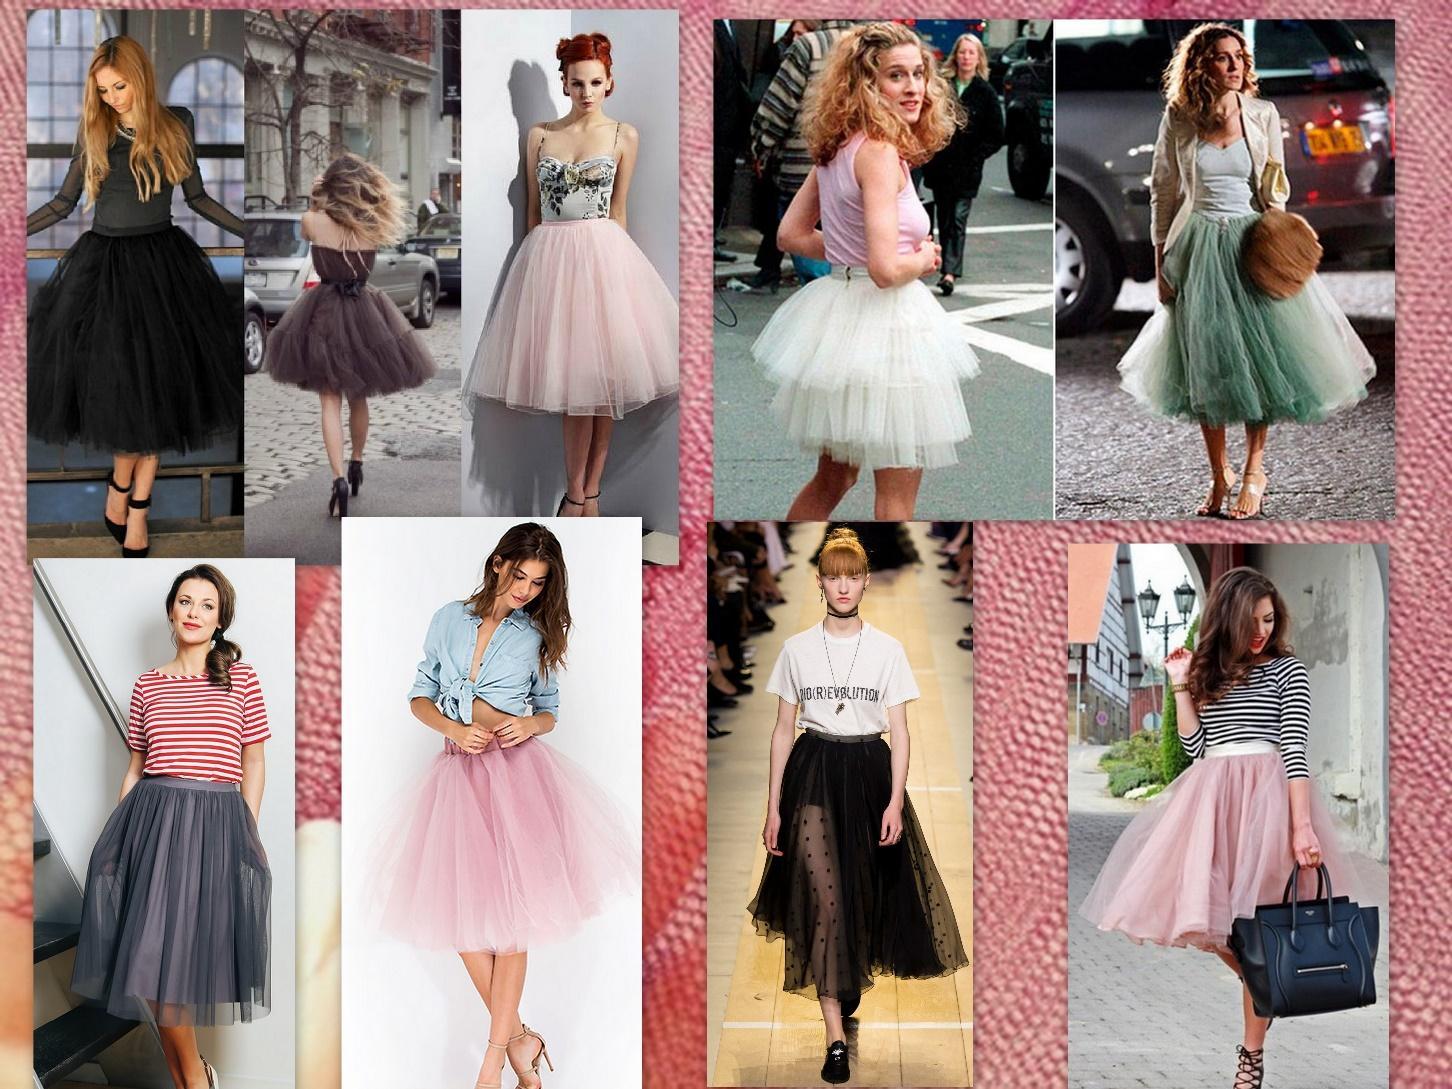 Юбка из сетки в модном образе не терпит конкуренции, единственным исключением может быть красивая обувь.